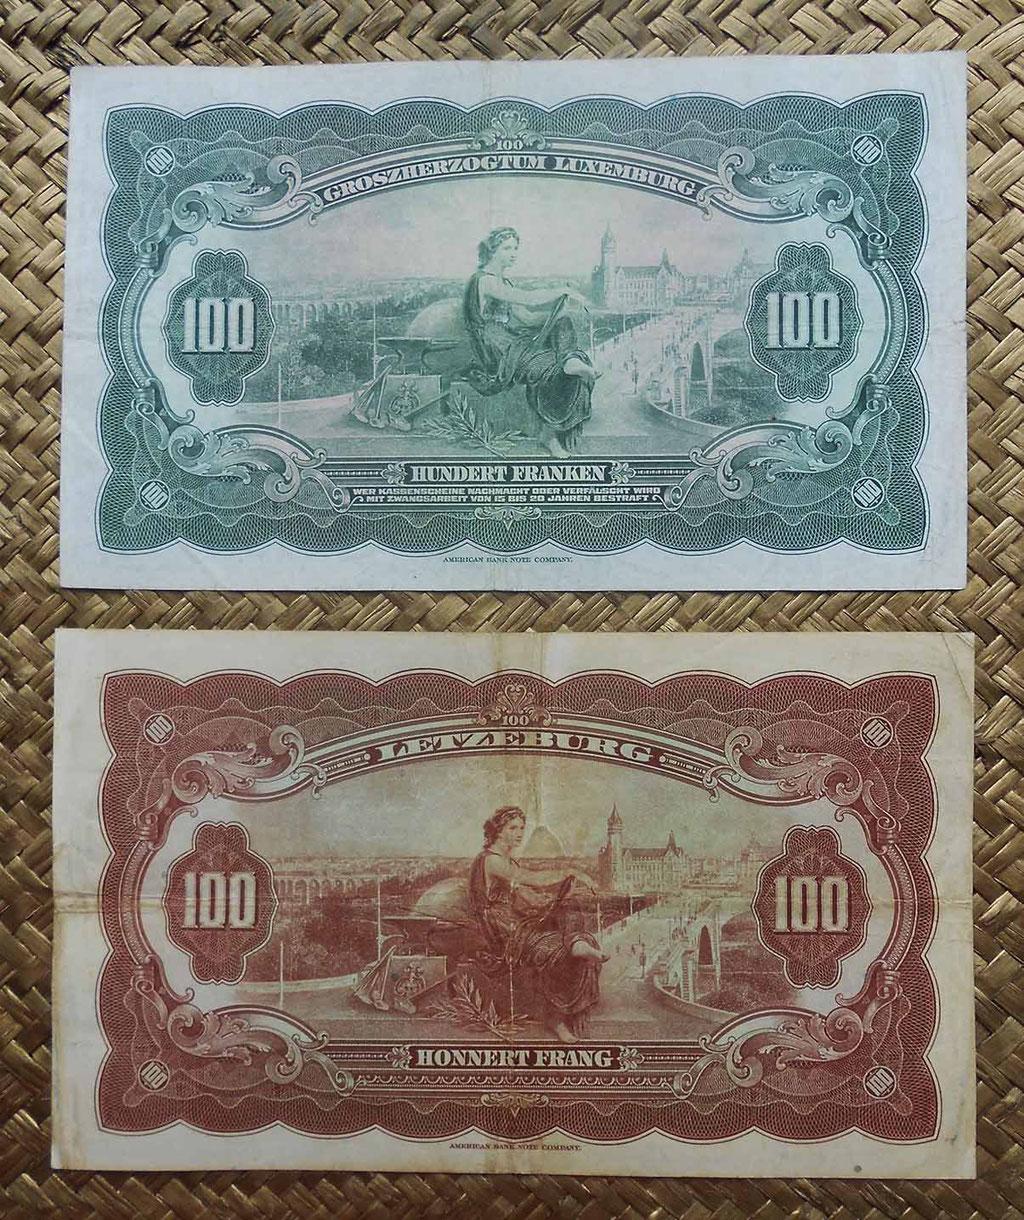 Luxemburgo 100 francos 1934 vs. 100 francos 1944 reversos